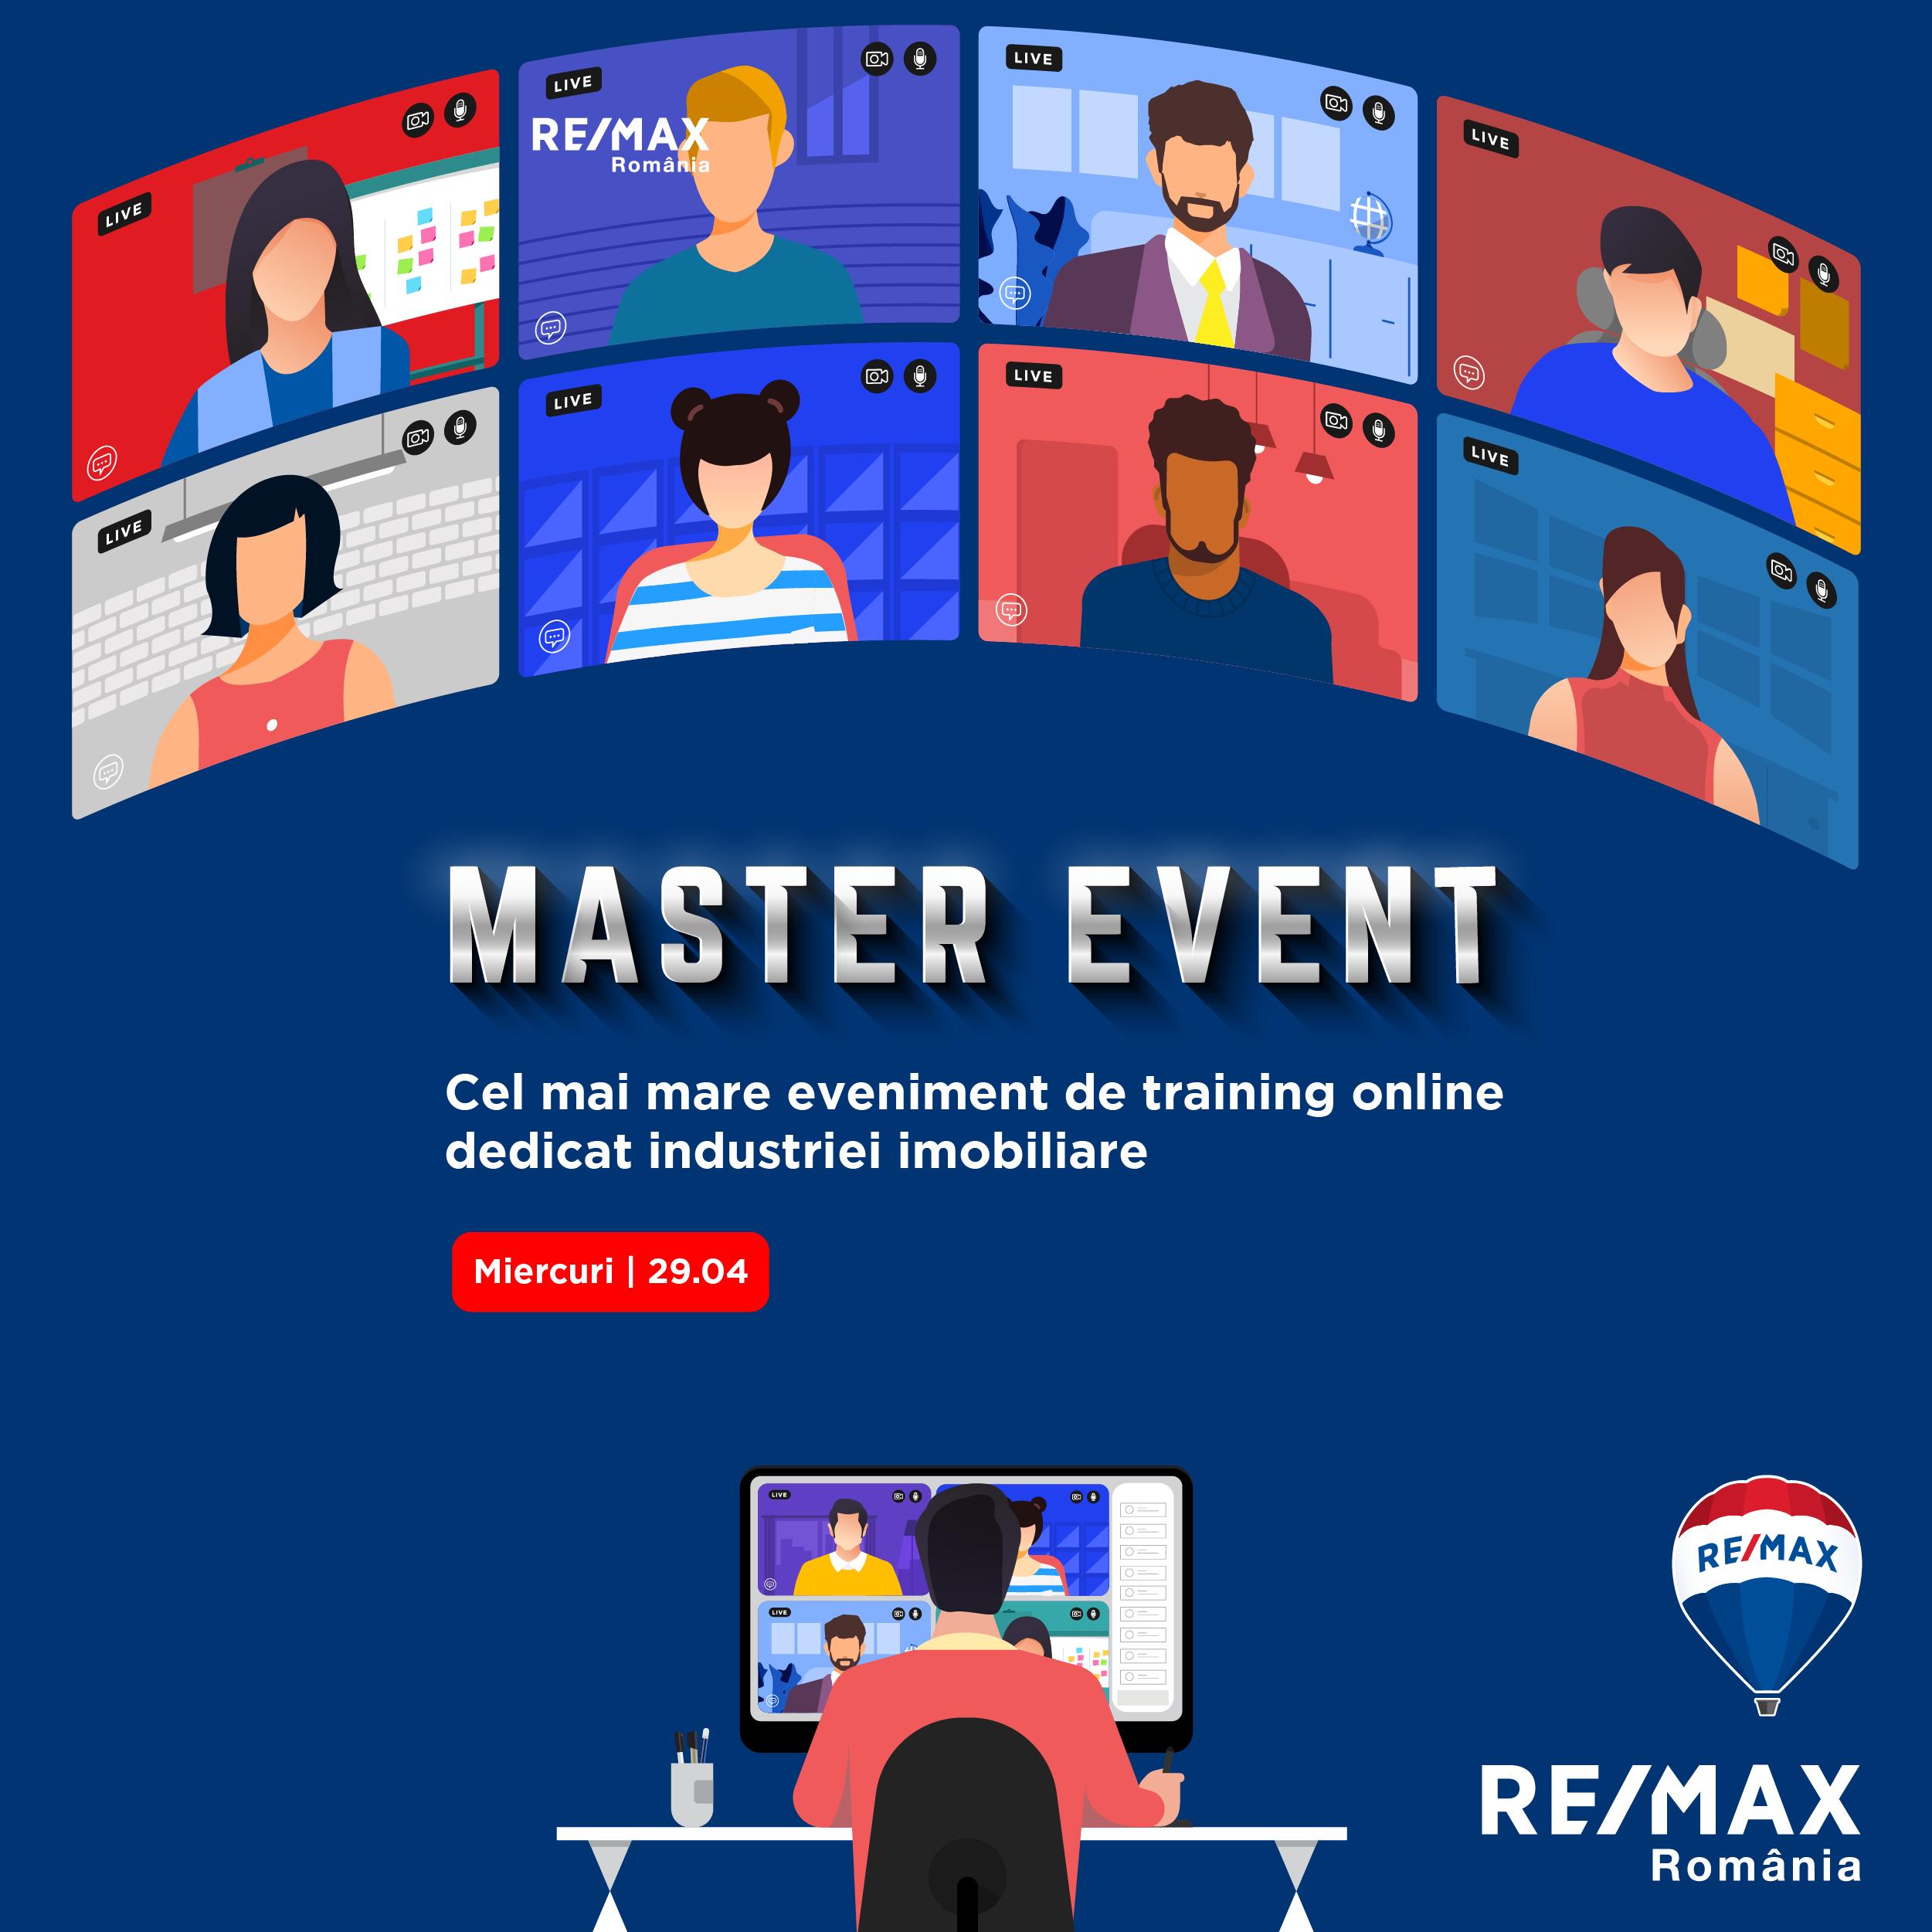 RE/MAX România organizează un eveniment de training online dedicat industriei imobiliare